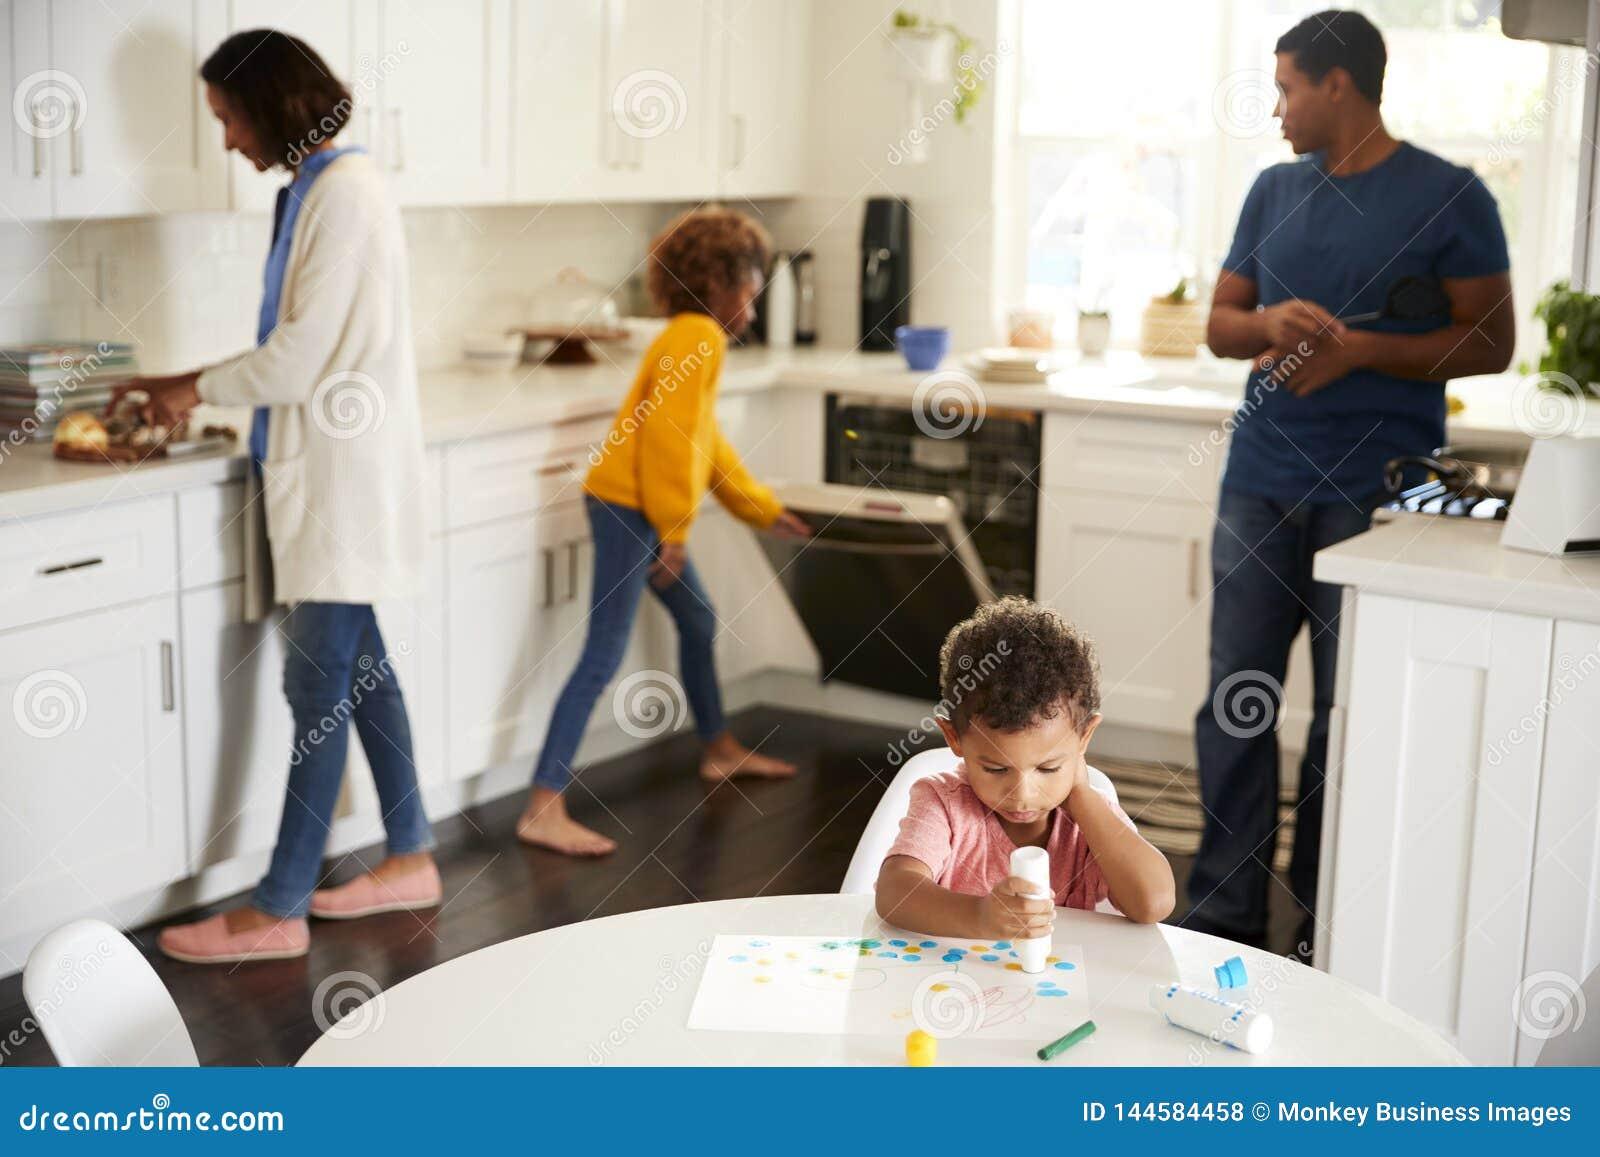 Peinture de garçon d enfant en bas âge se reposant à une table dans la cuisine peignant un tableau, sa famille occupée à l arrièr